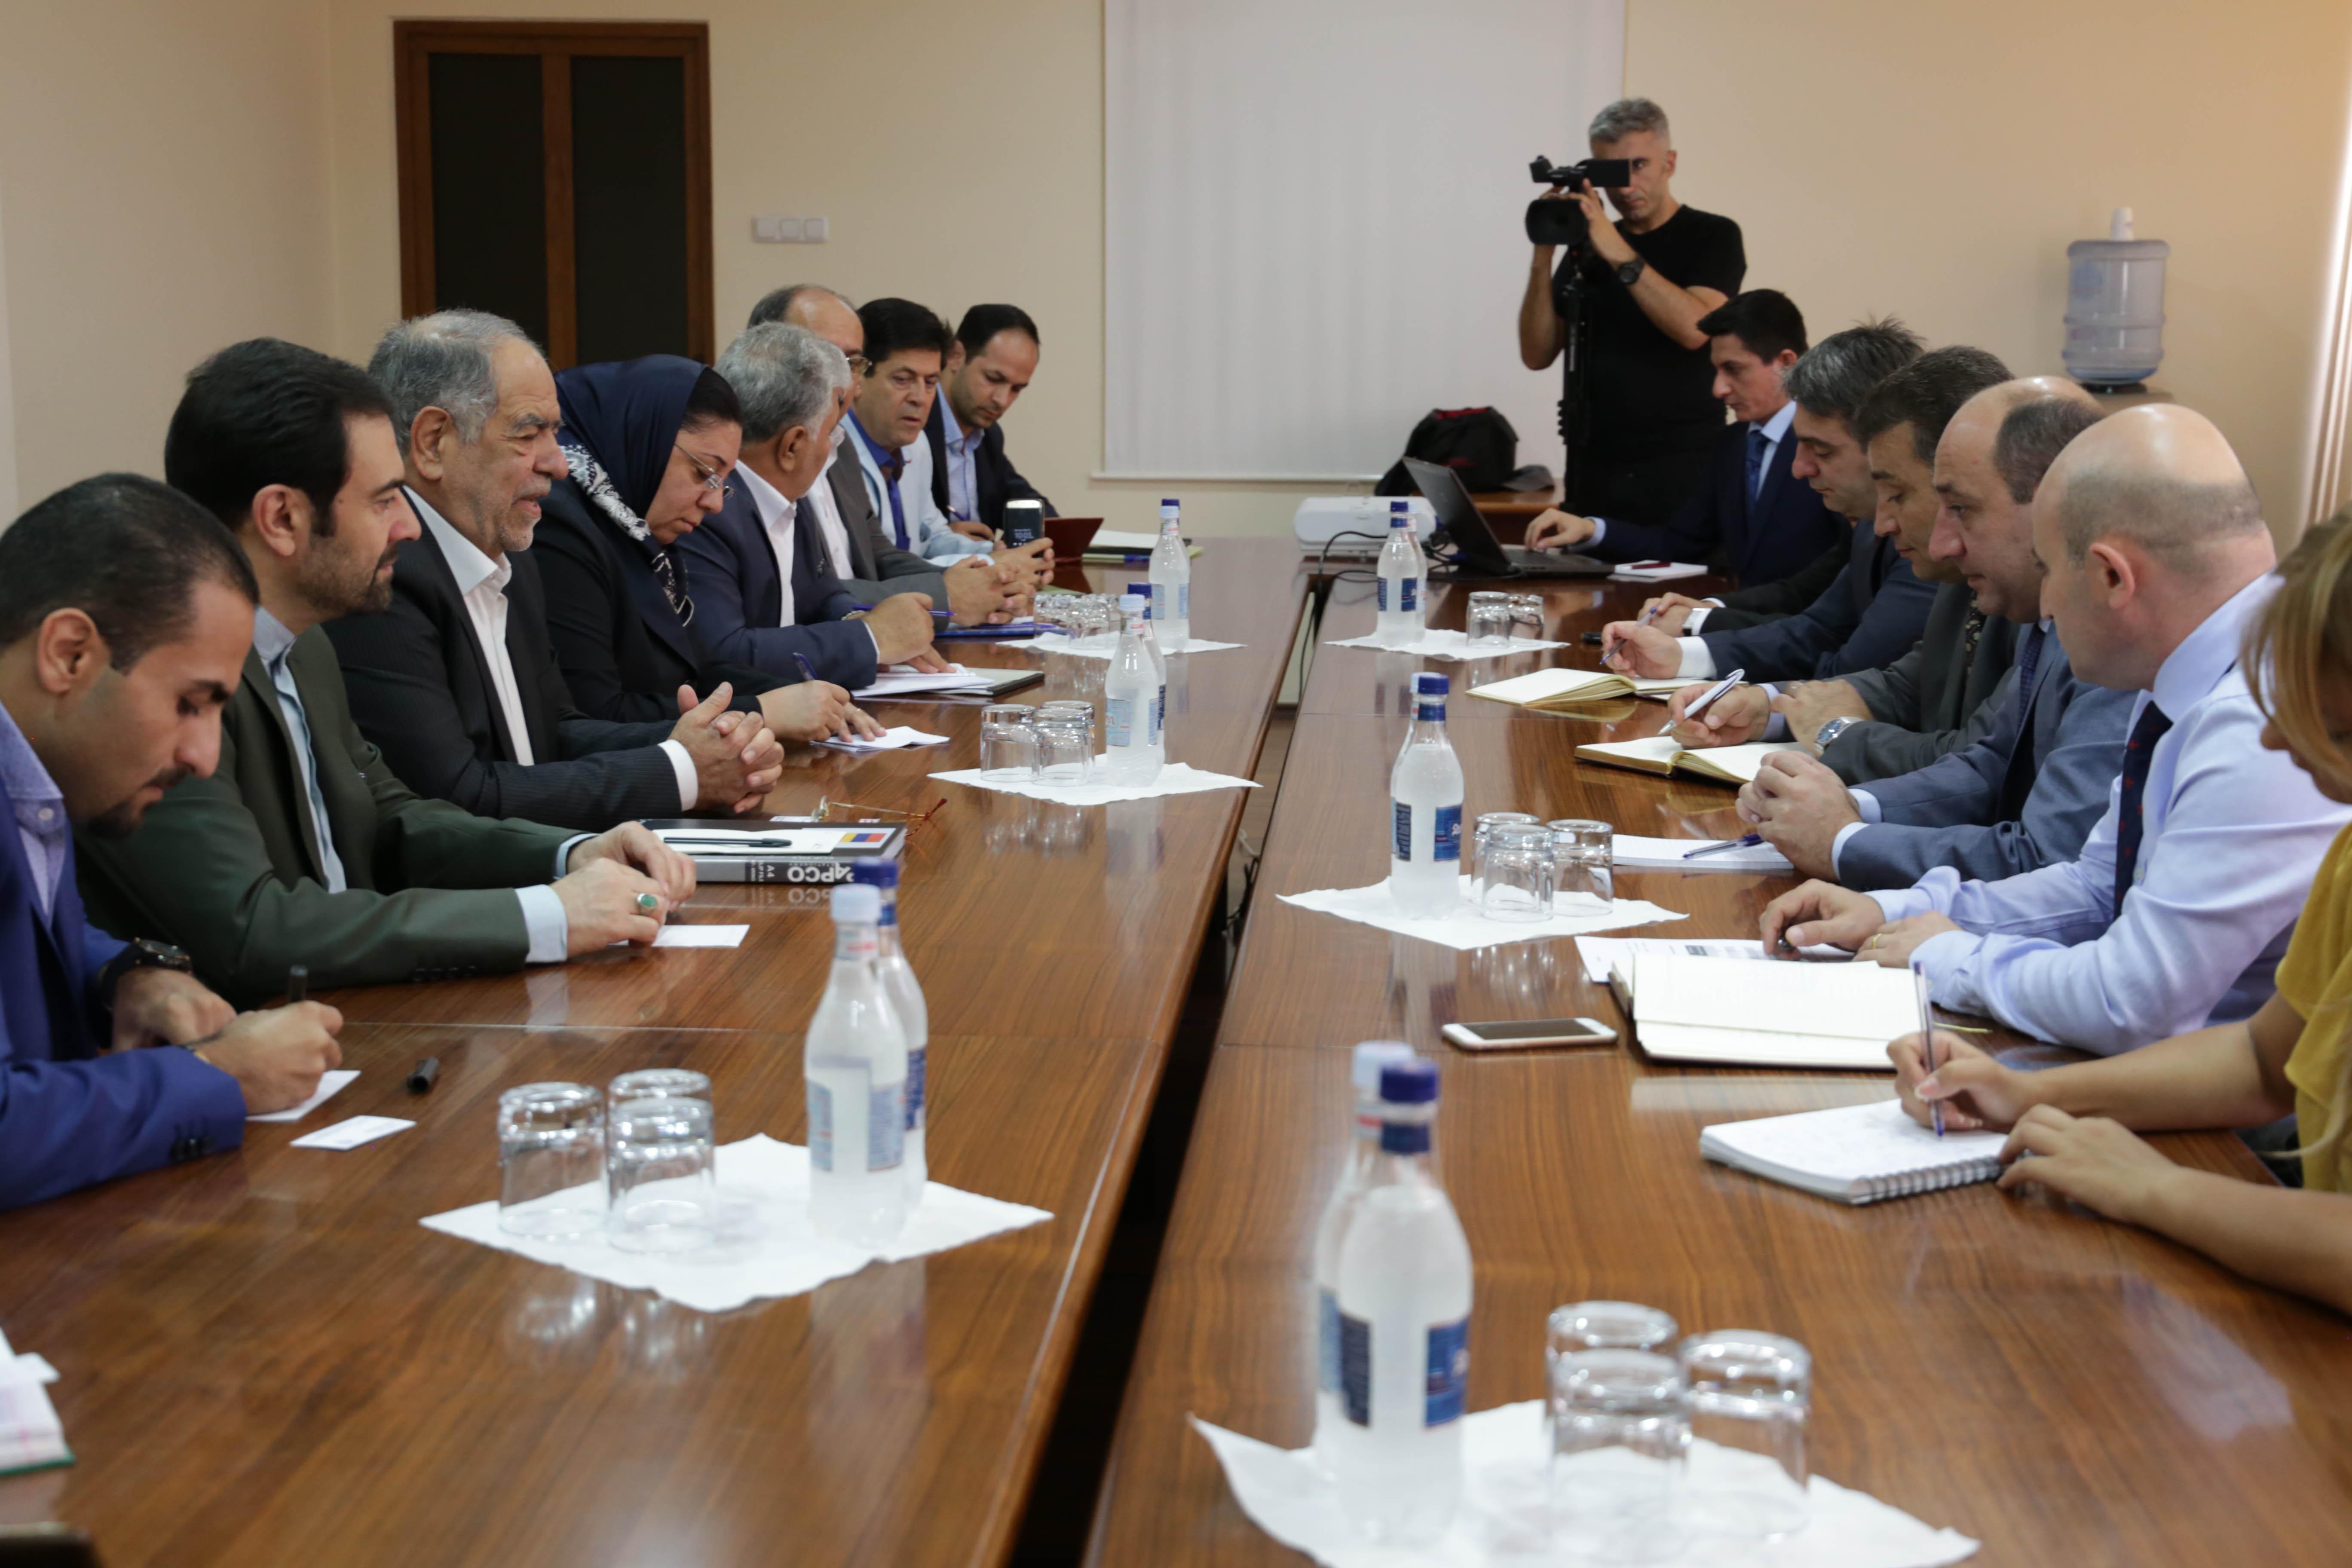 Սուրեն Կարայանը Իրանի նախագահի խորհրդականը քննարկել են տնտեսական օրակարգը և ազատ տնտեսական գոտիների համագործակցությունը